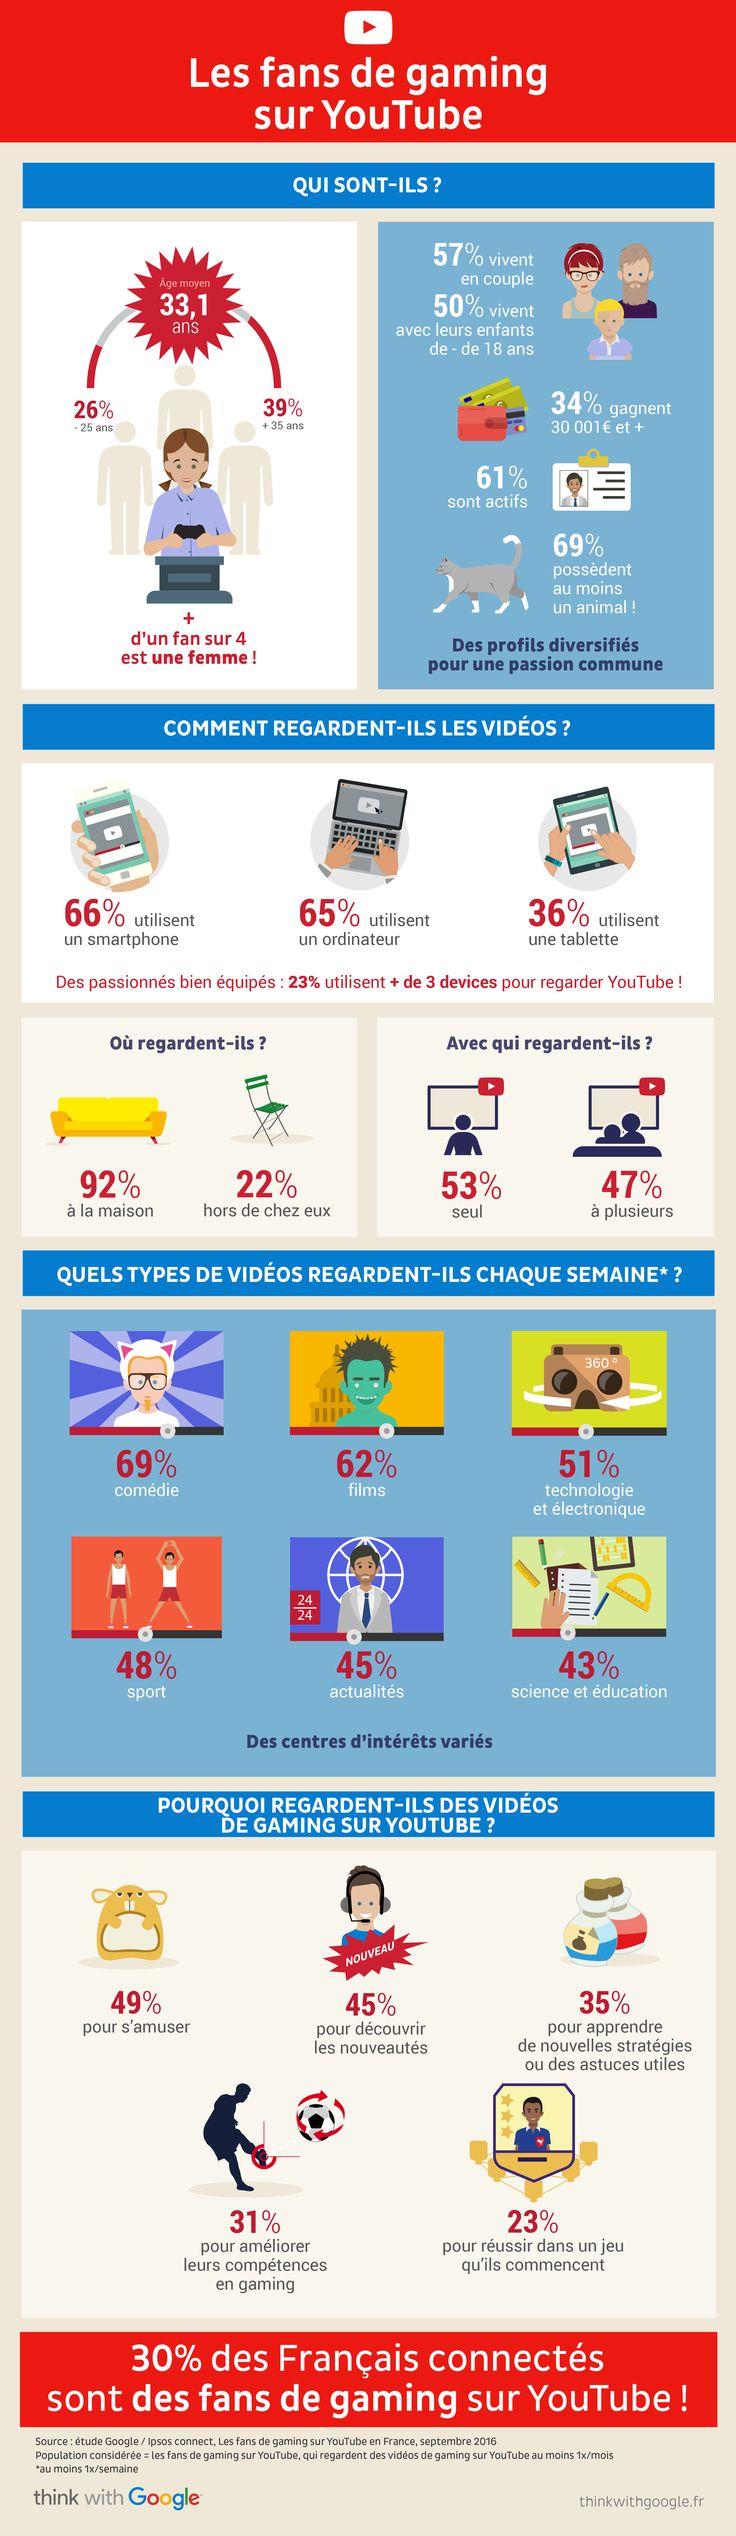 Infographie : Le profil des fans de gaming sur Youtube quantifié avec Ipsos | Offremedia